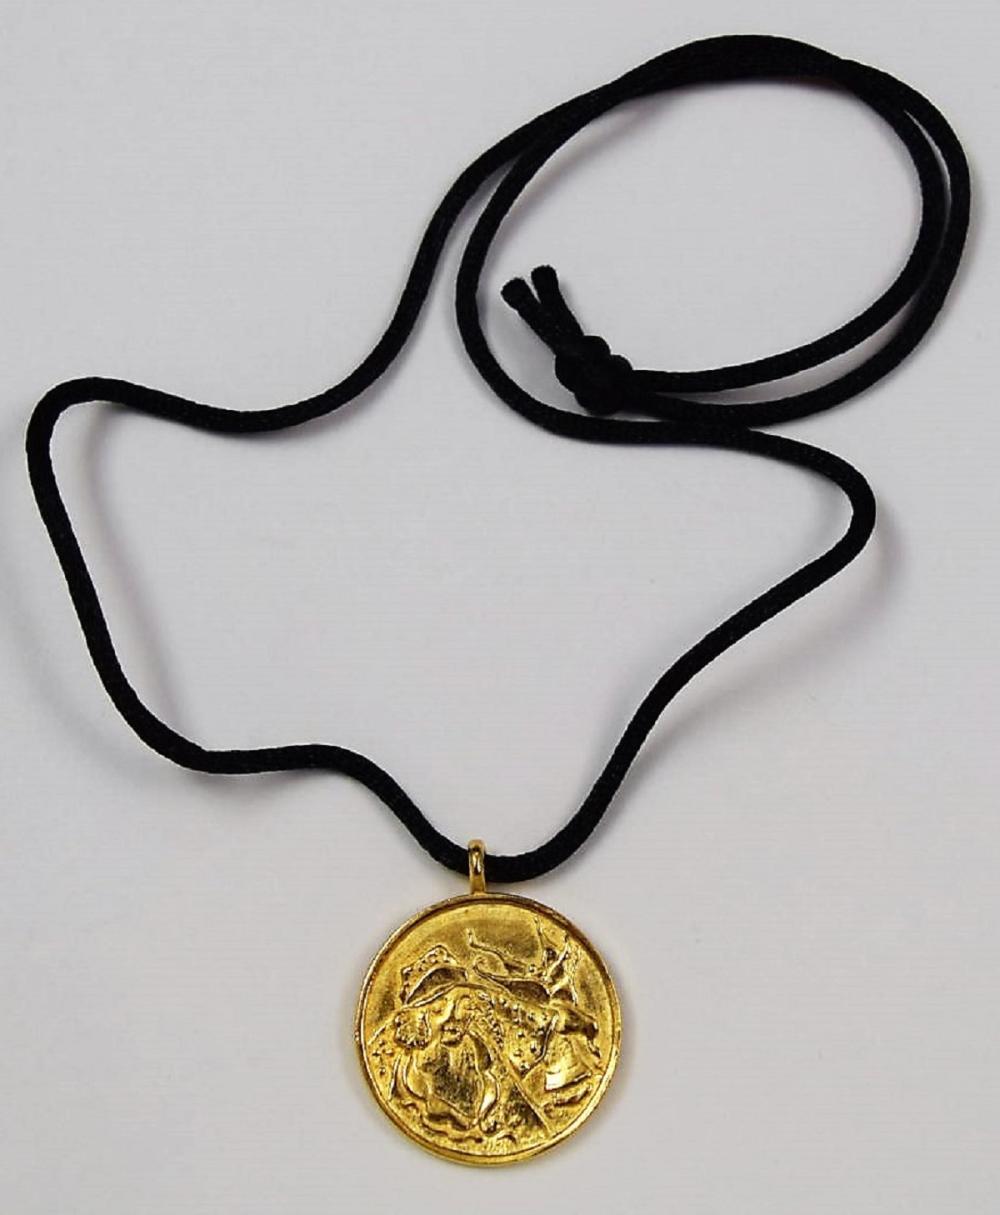 Itzchak Tarkay Necklace